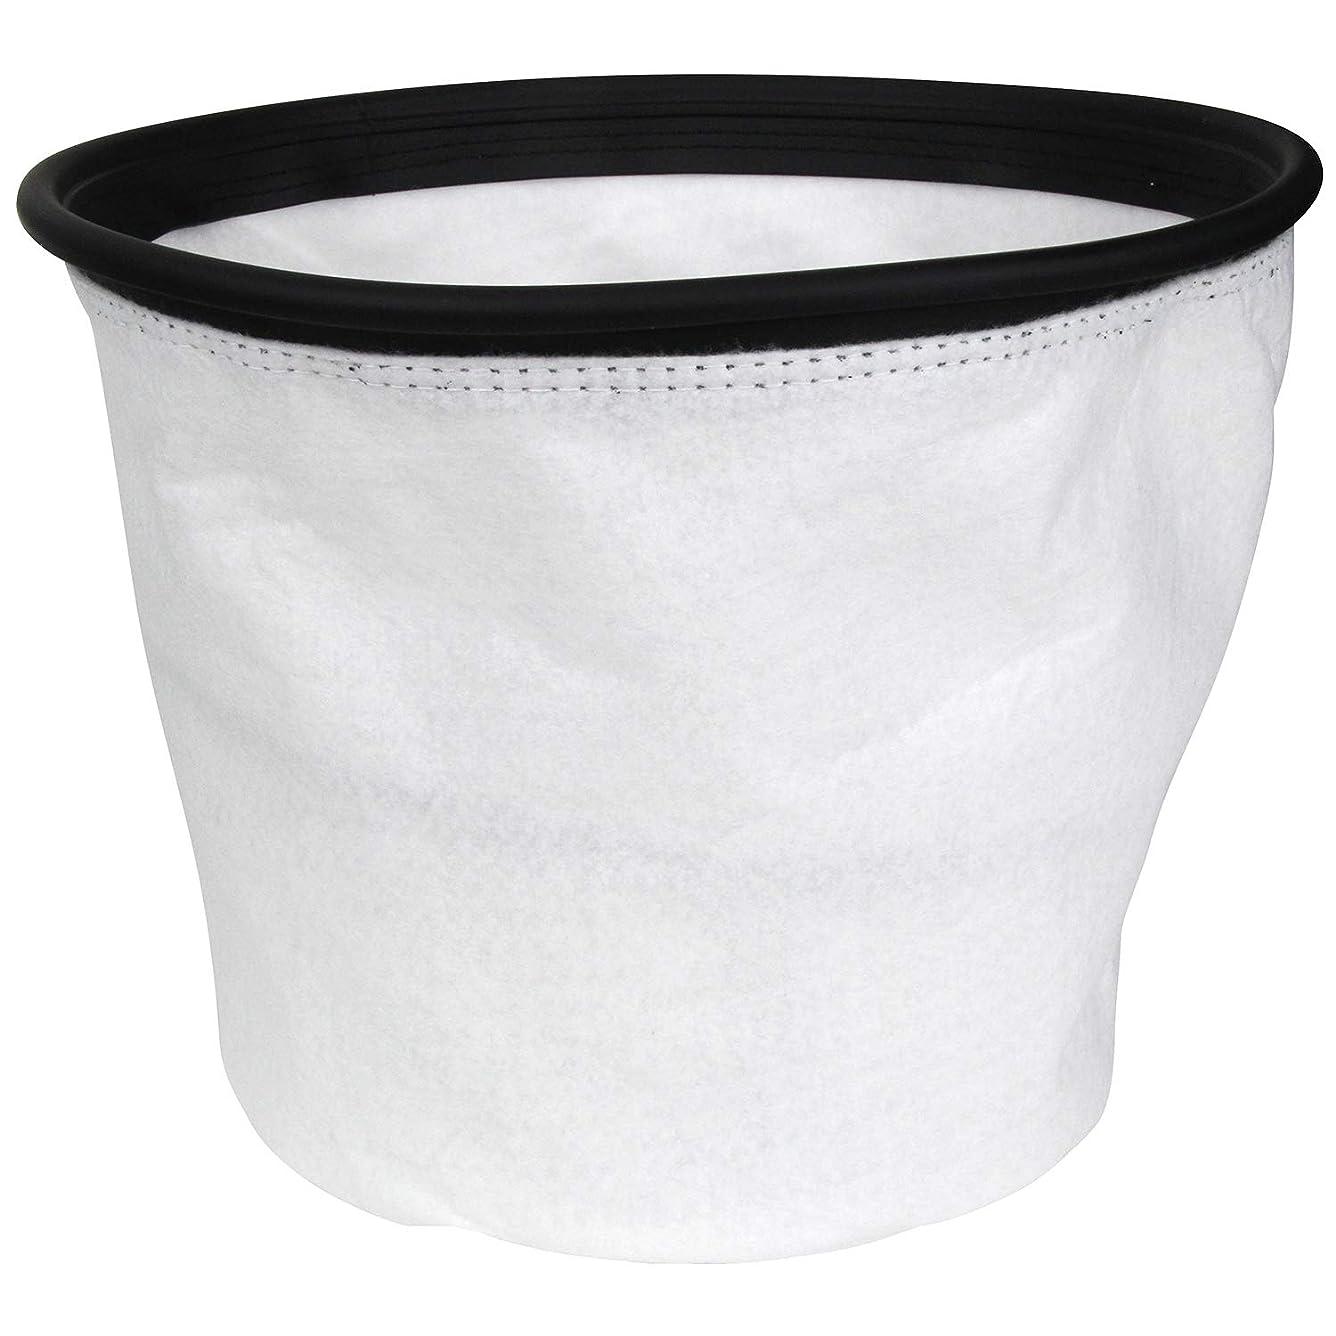 課す声を出して資本主義SK11(エスケー11) 乾湿両用掃除機用パーツ 布フィルター SVC-004